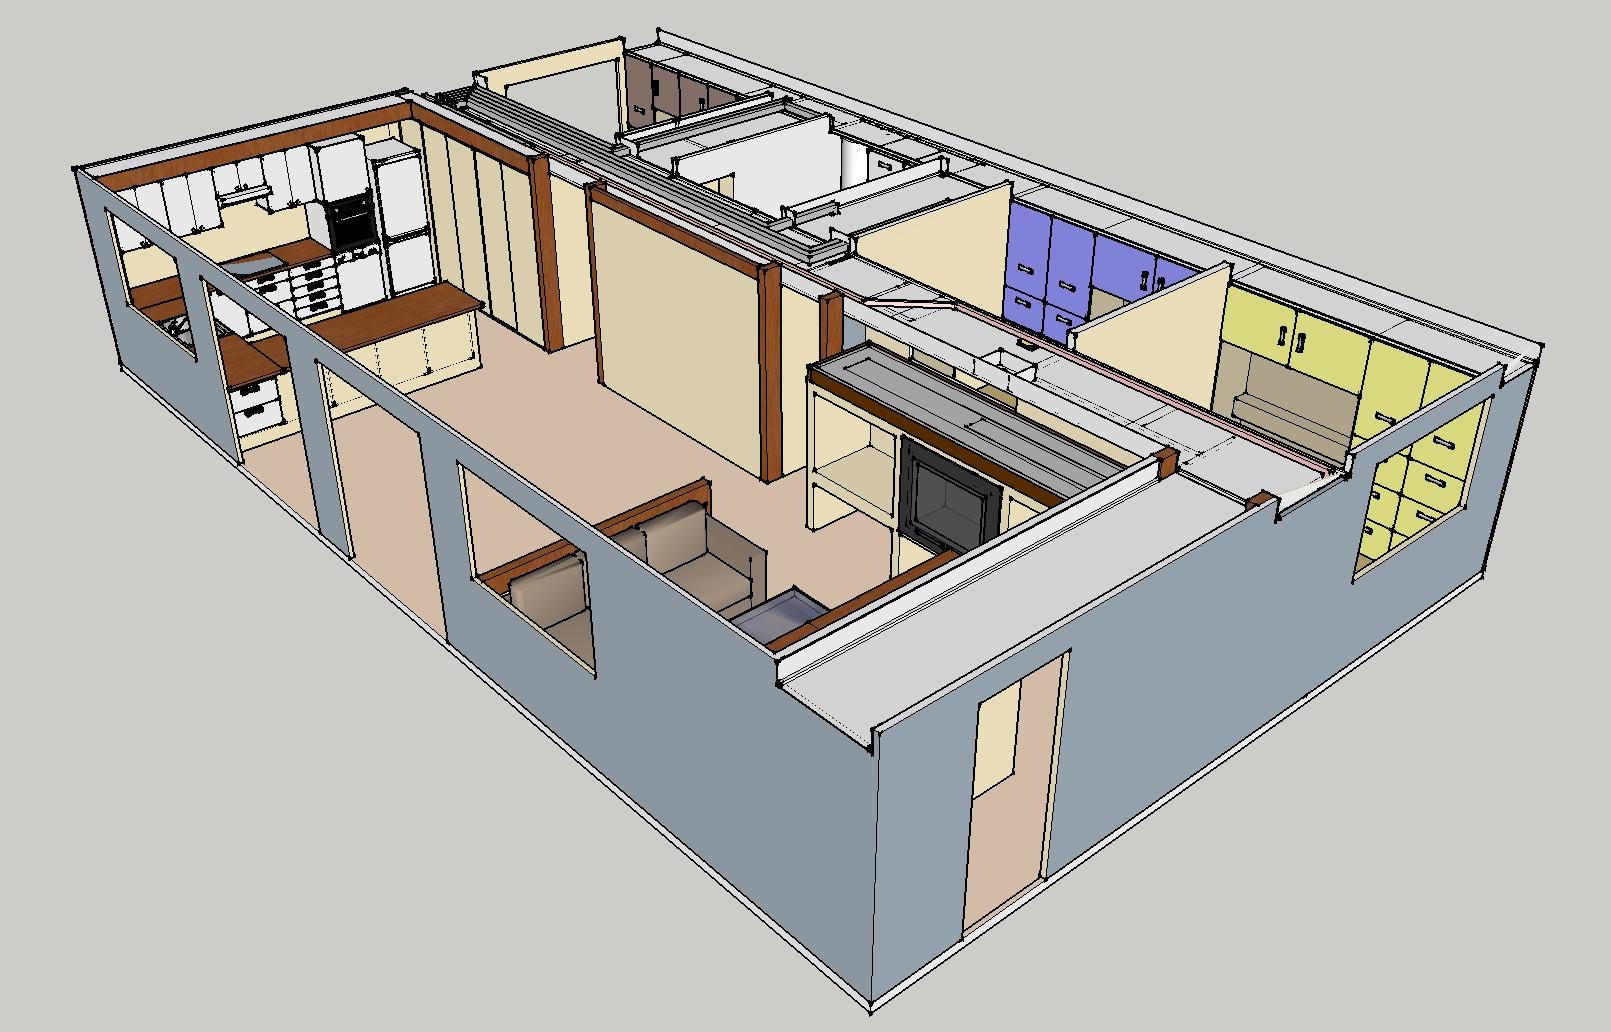 L agencement int rieur maison ossature bois modulable for Agencement interieur